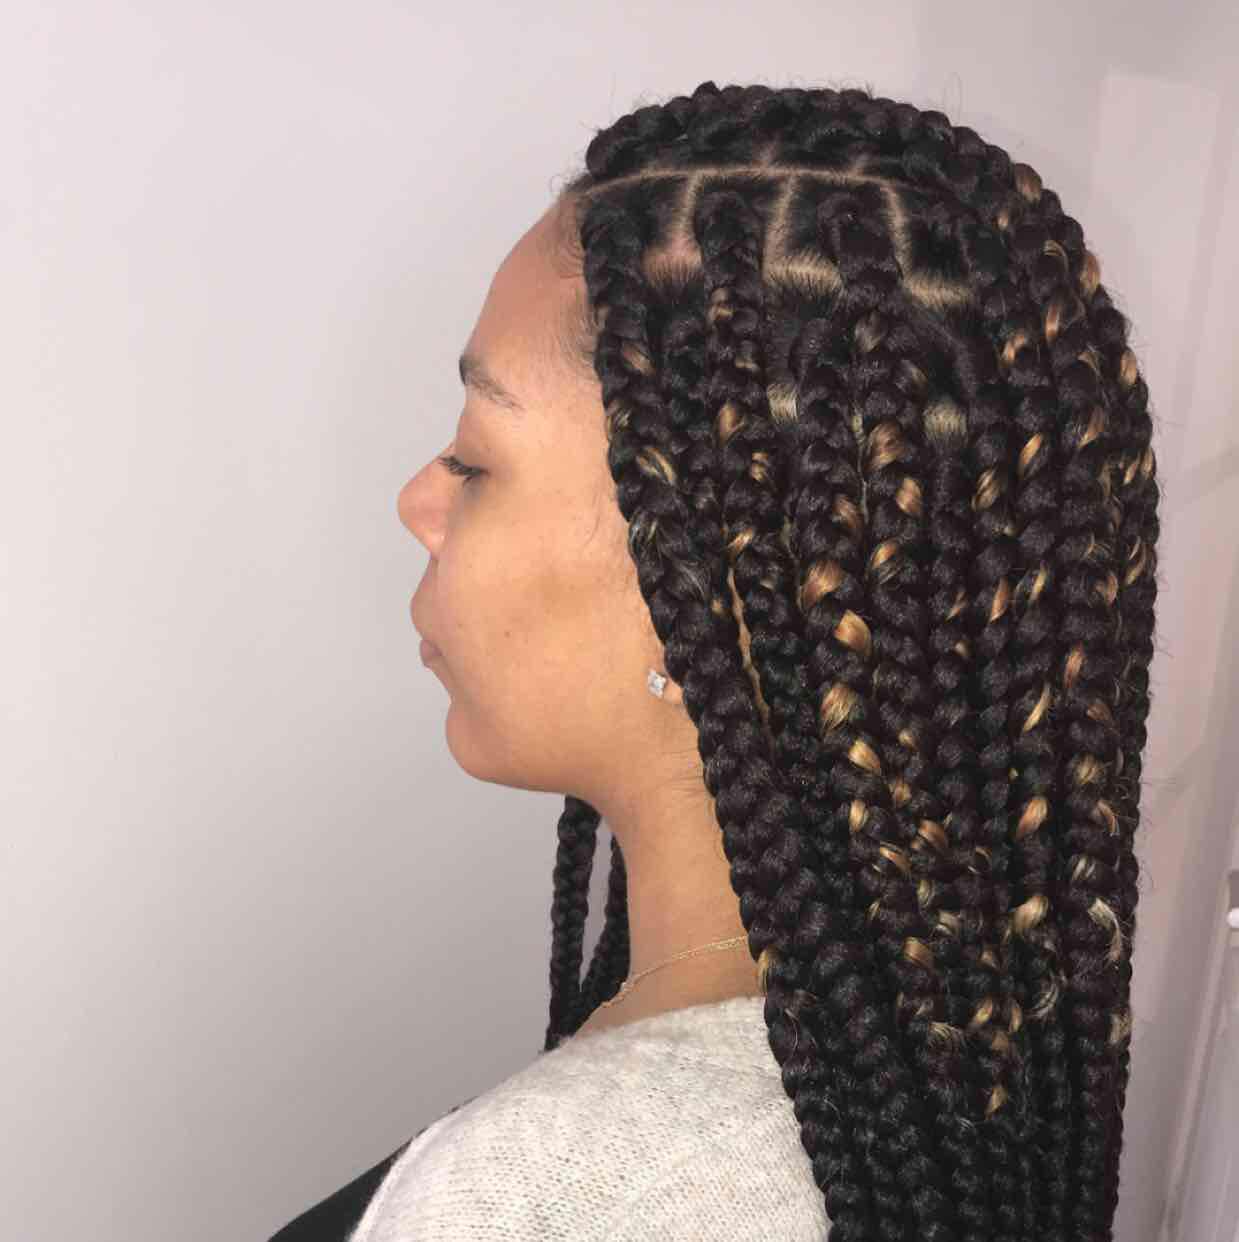 salon de coiffure afro tresse tresses box braids crochet braids vanilles tissages paris 75 77 78 91 92 93 94 95 VPTJUDPG